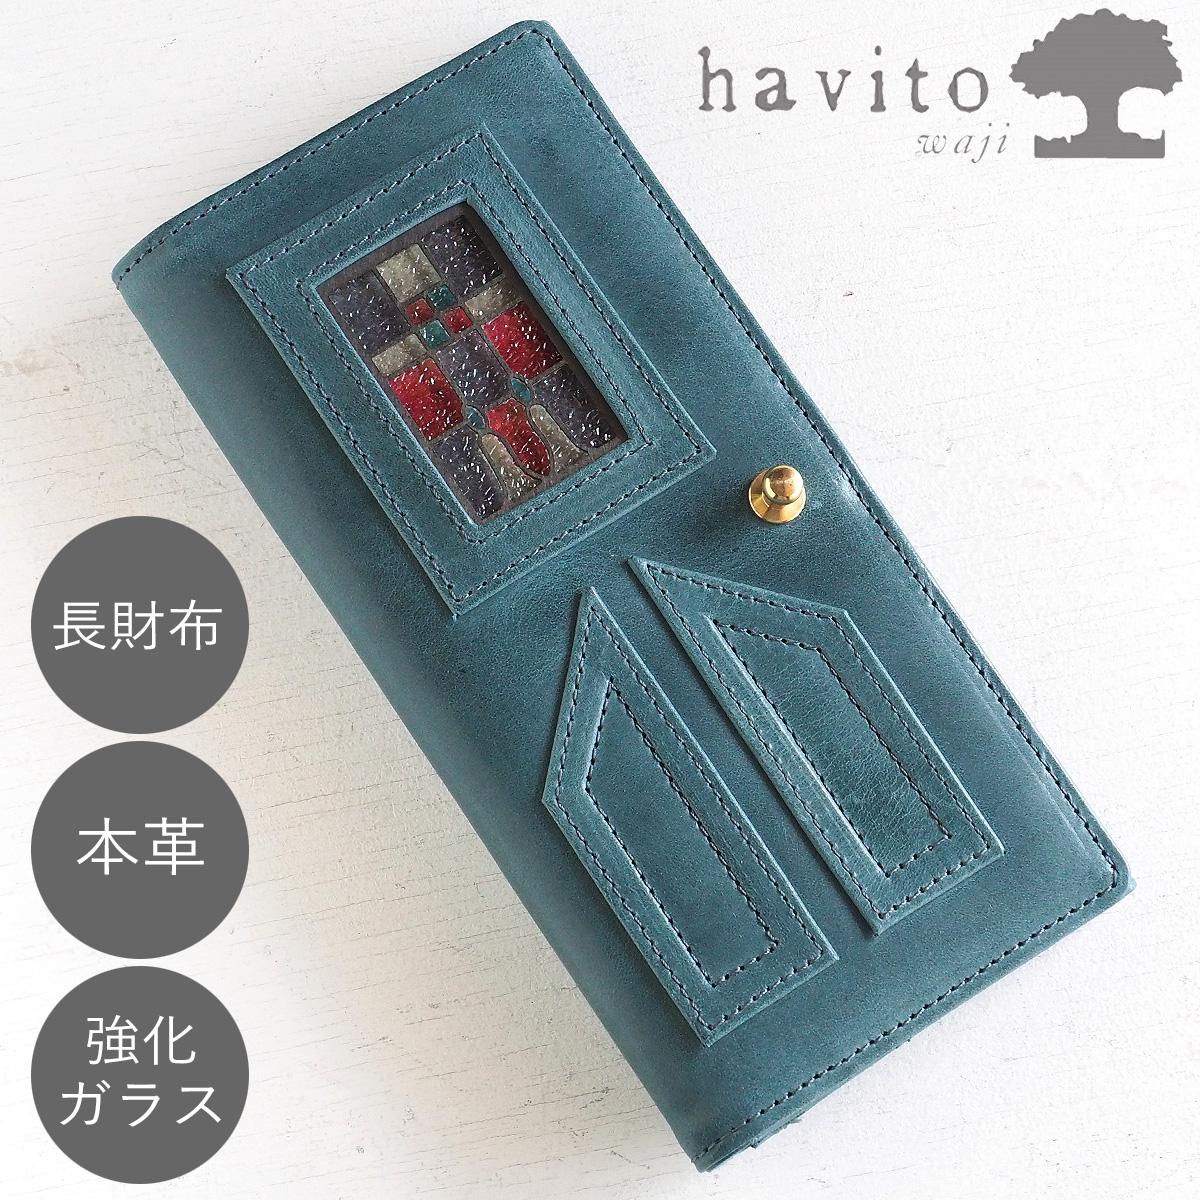 havito(ハビト) by waji(ワジ) glart 長財布 デザイン硝子×オイルレザー アンティークドア ネイビー [H0202-NV]